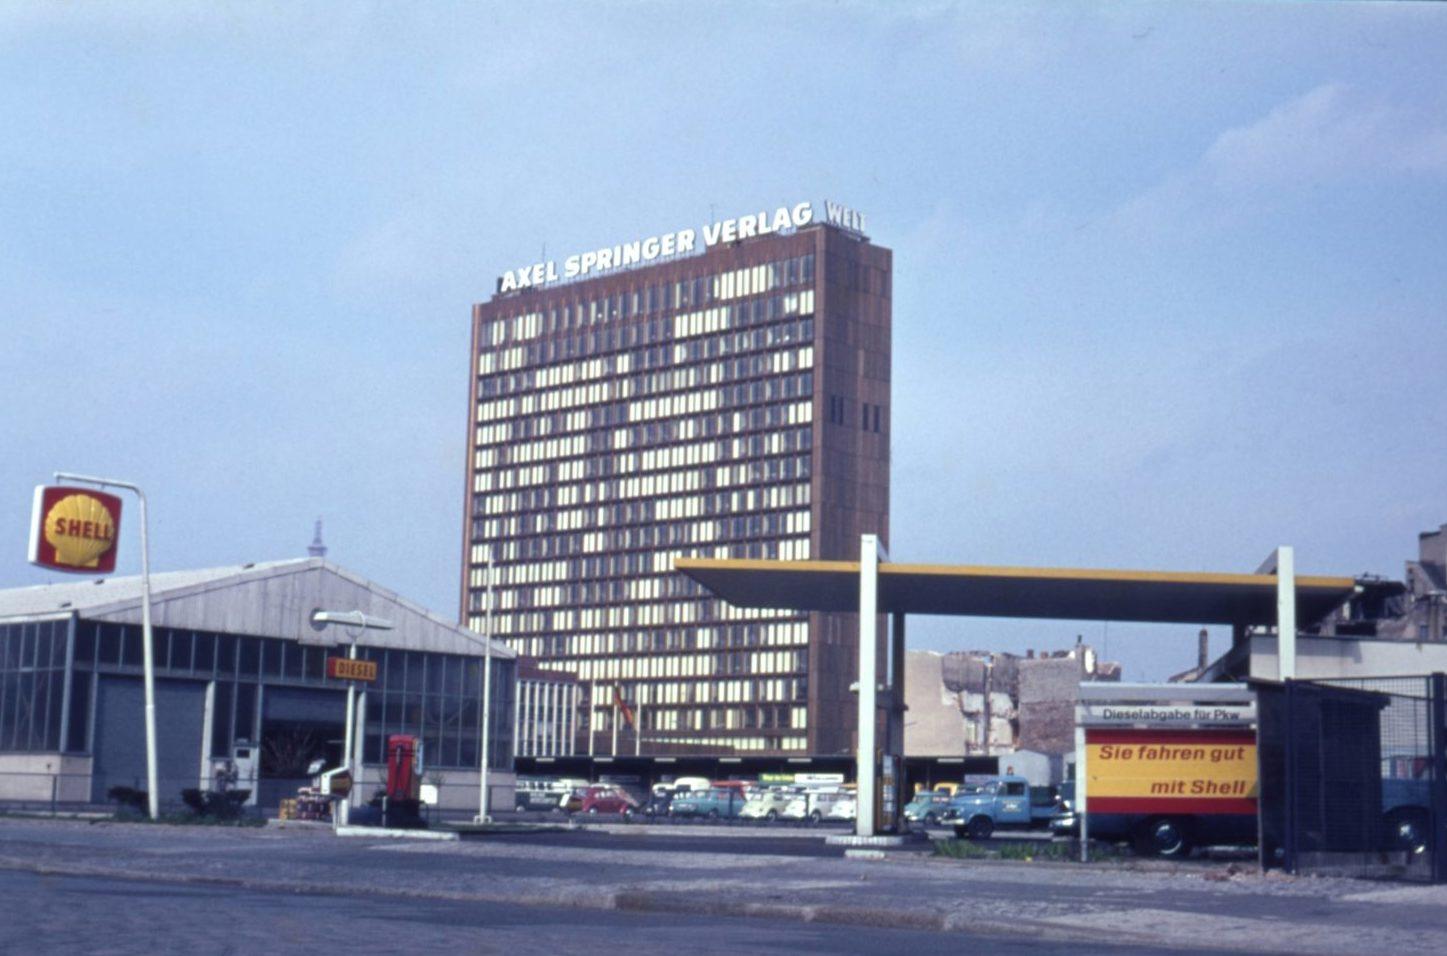 Axel-Springer-Hochhaus und Shell-Tanke, um 1966. Foto: Imago/Serienlicht